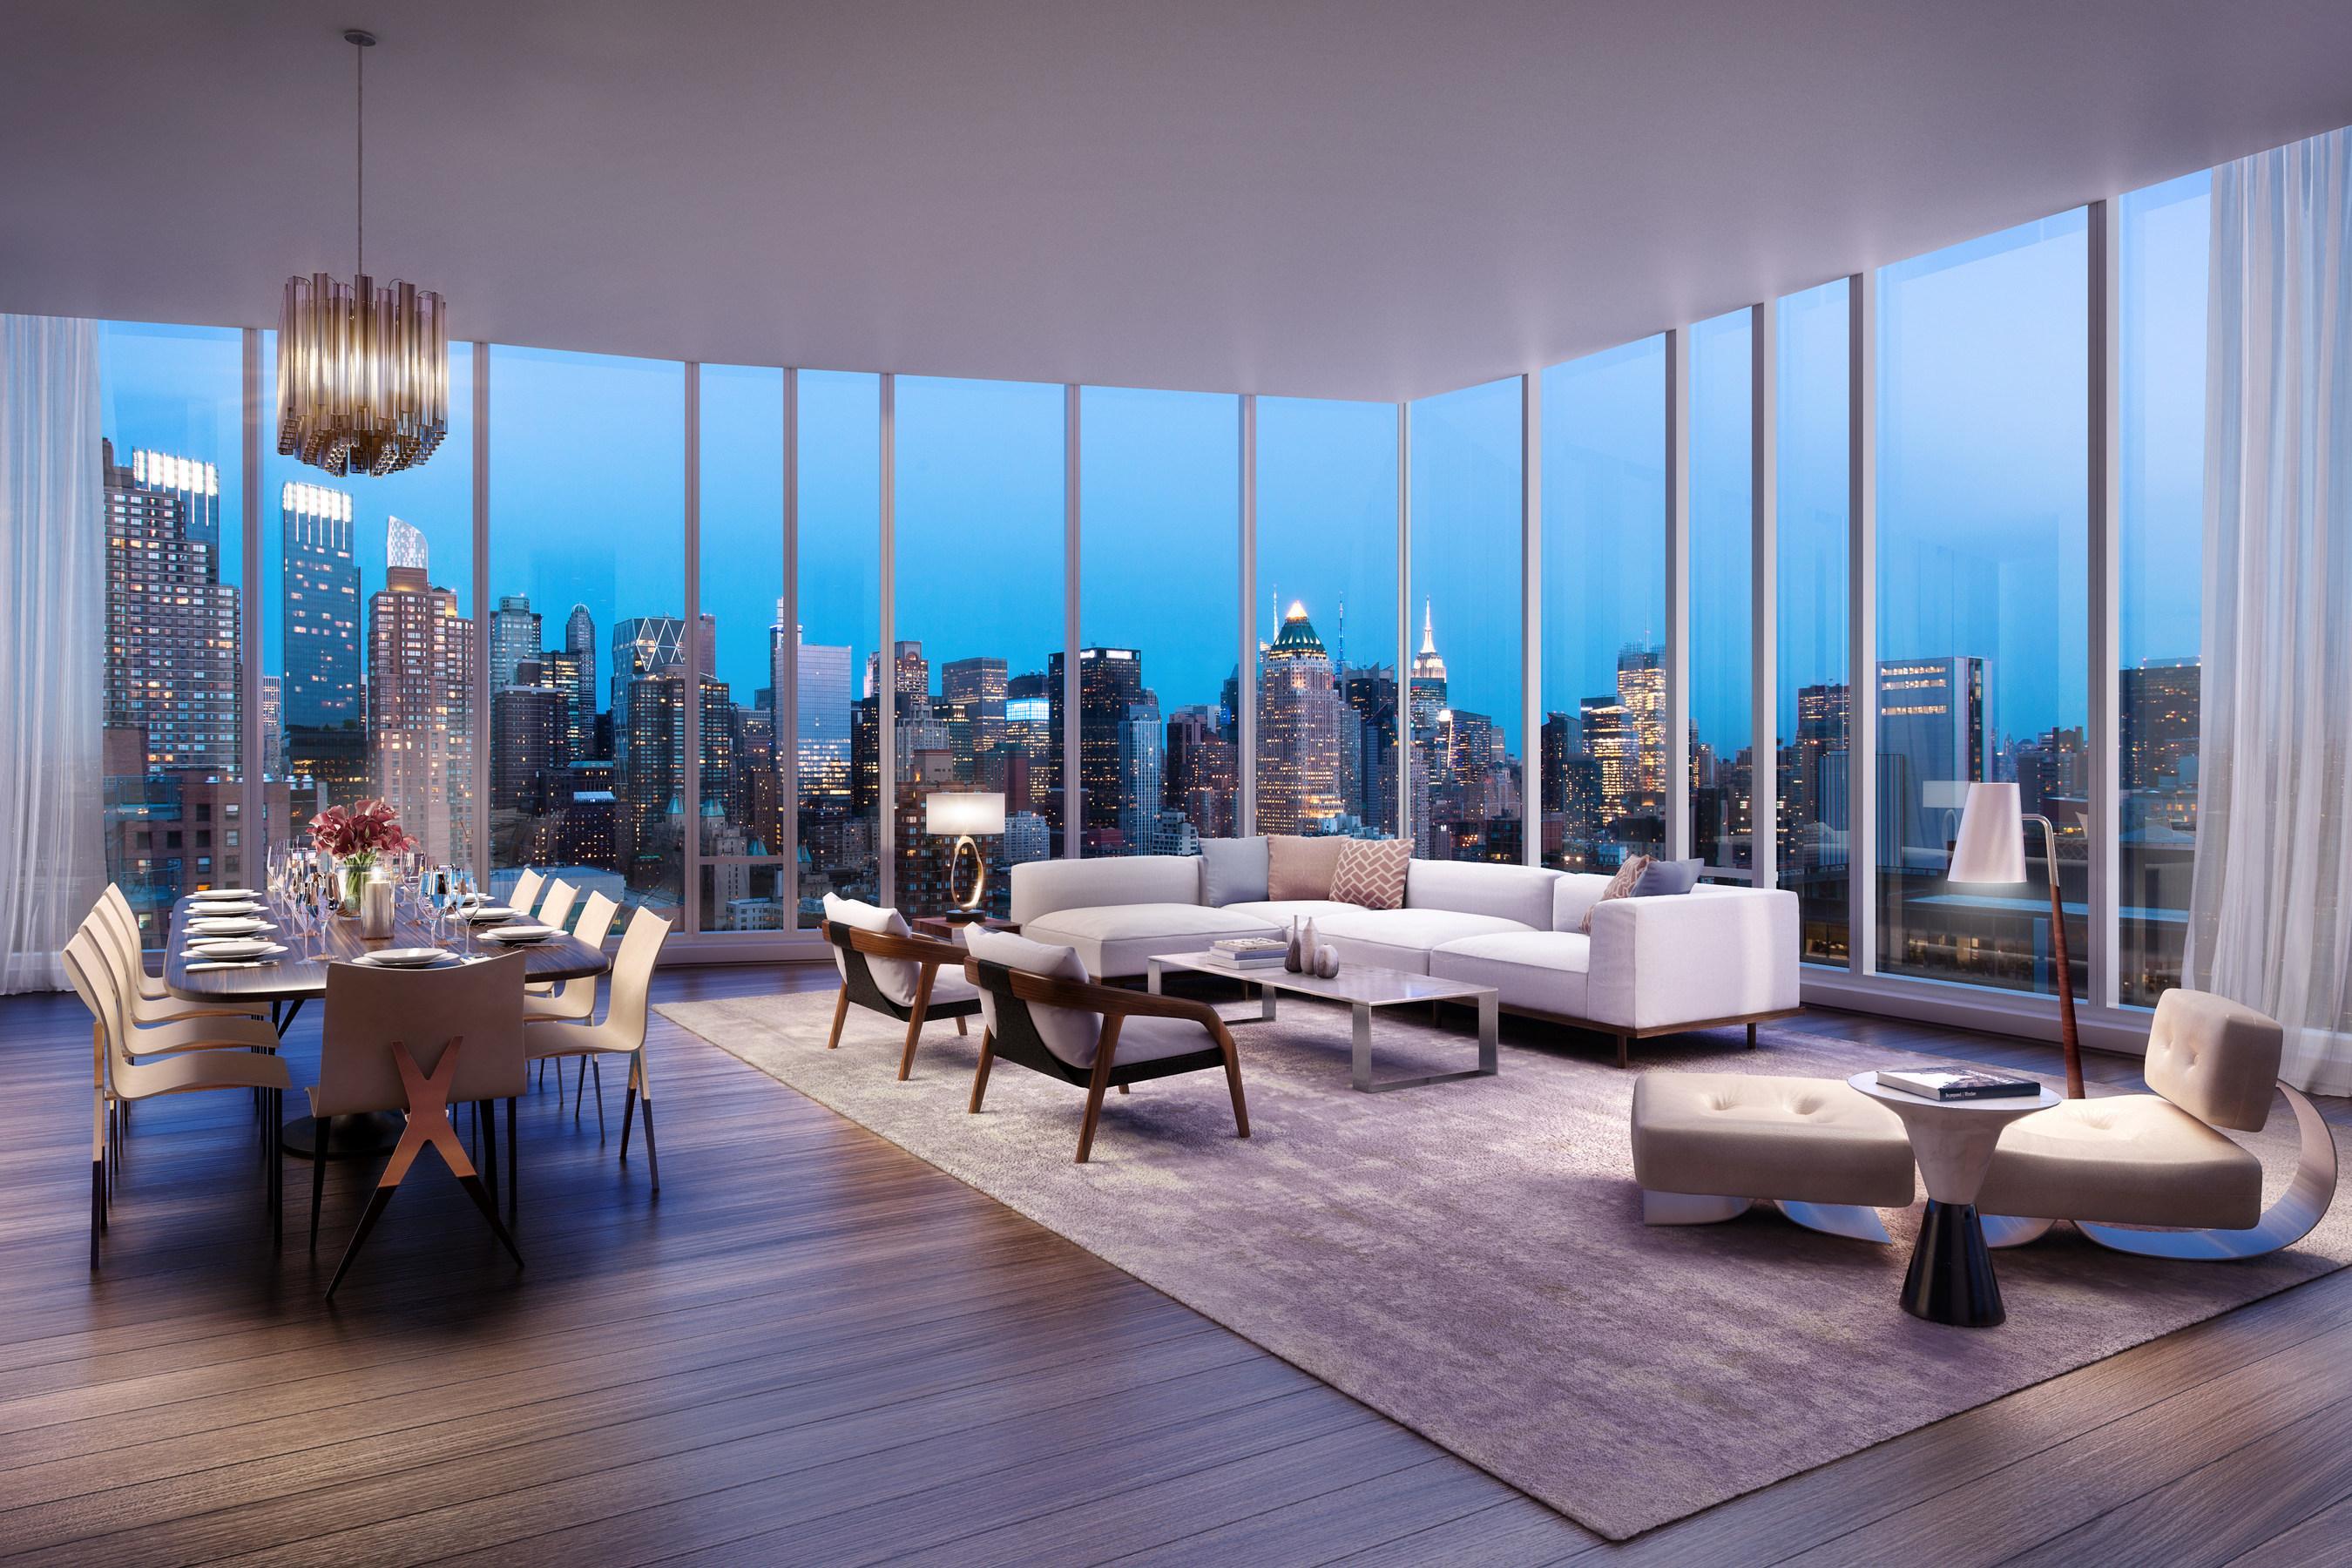 Na rynku pojawiają się ekskluzywne rezydencje One West End - luksusowe powierzchnie inspirowane